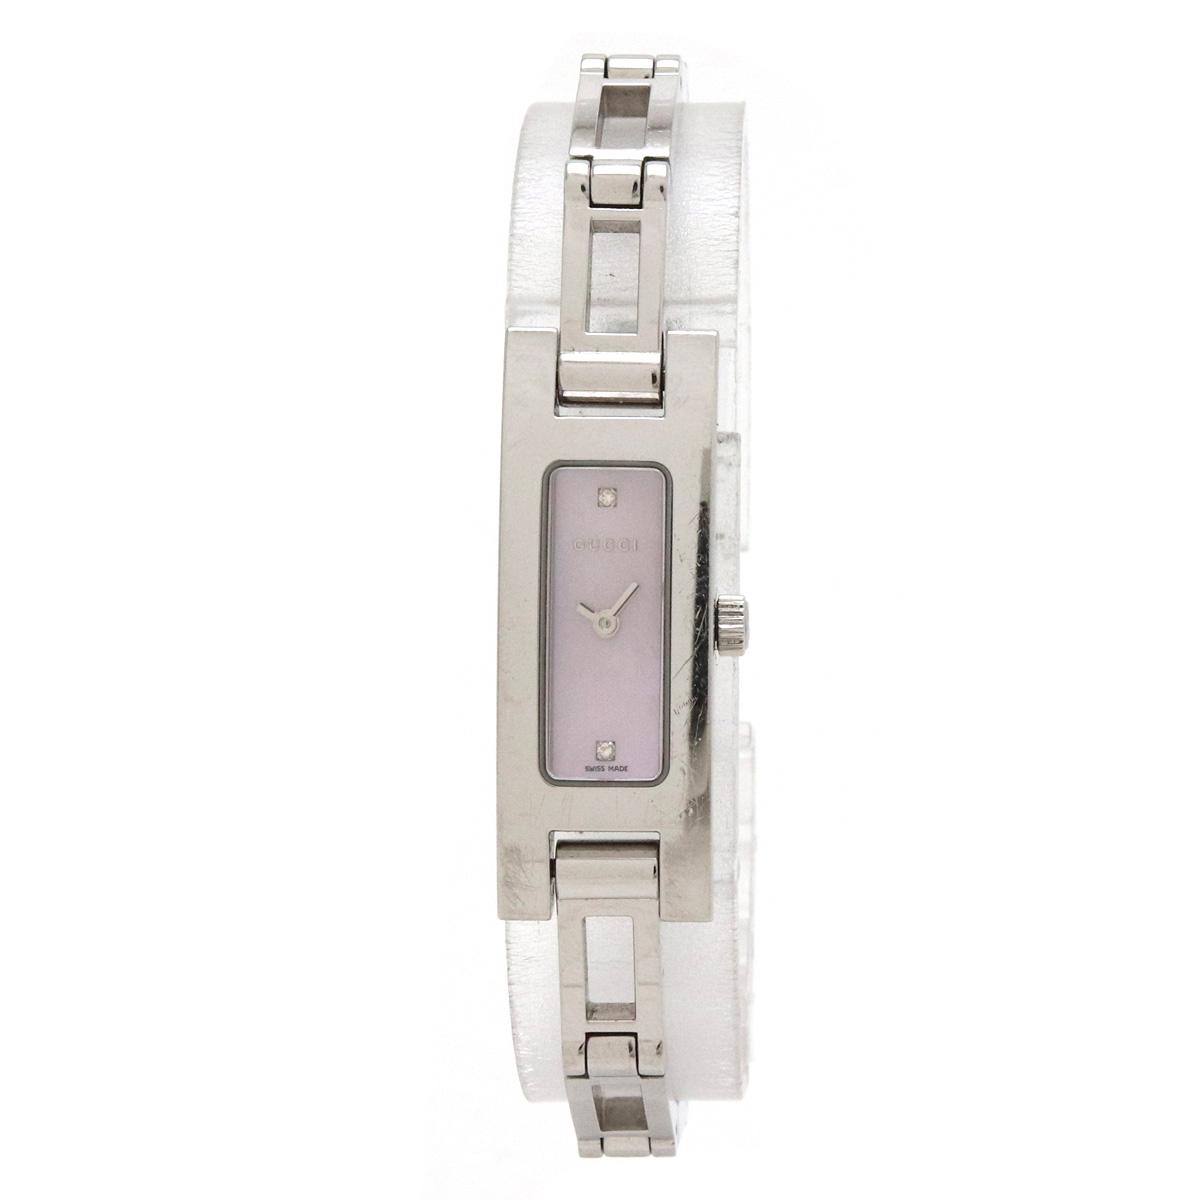 【ウォッチ】GUCCI グッチ ピンクシェル文字盤 2Pダイヤ SS レディース QZ クォーツ 腕時計 3900L 【中古】